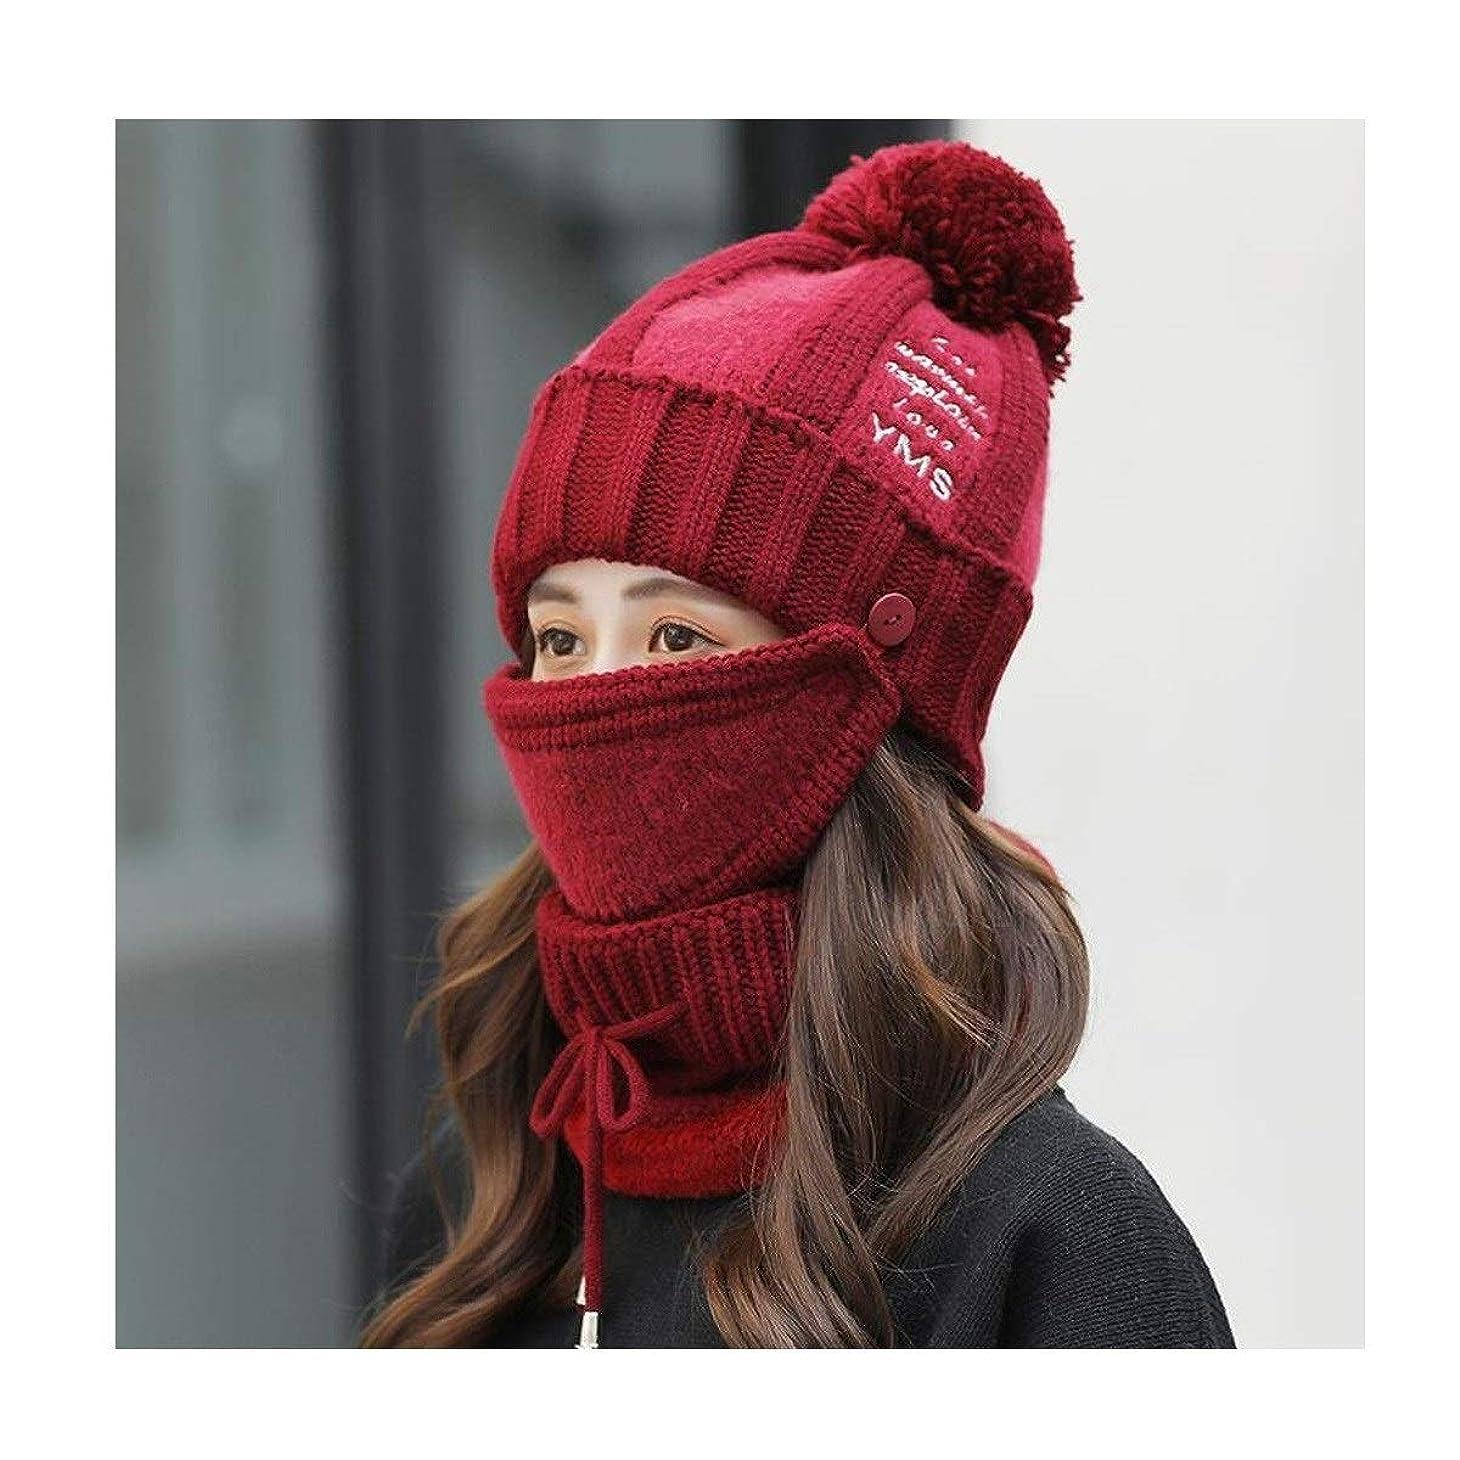 失われたのスコア計器MXFZ ハット女性のニットウールの帽子を設定暖かいイヤーマフコットン包頭キャップ自転車プラスベルベット肥厚よだれかけ冬のニット帽ワインレッドマスク